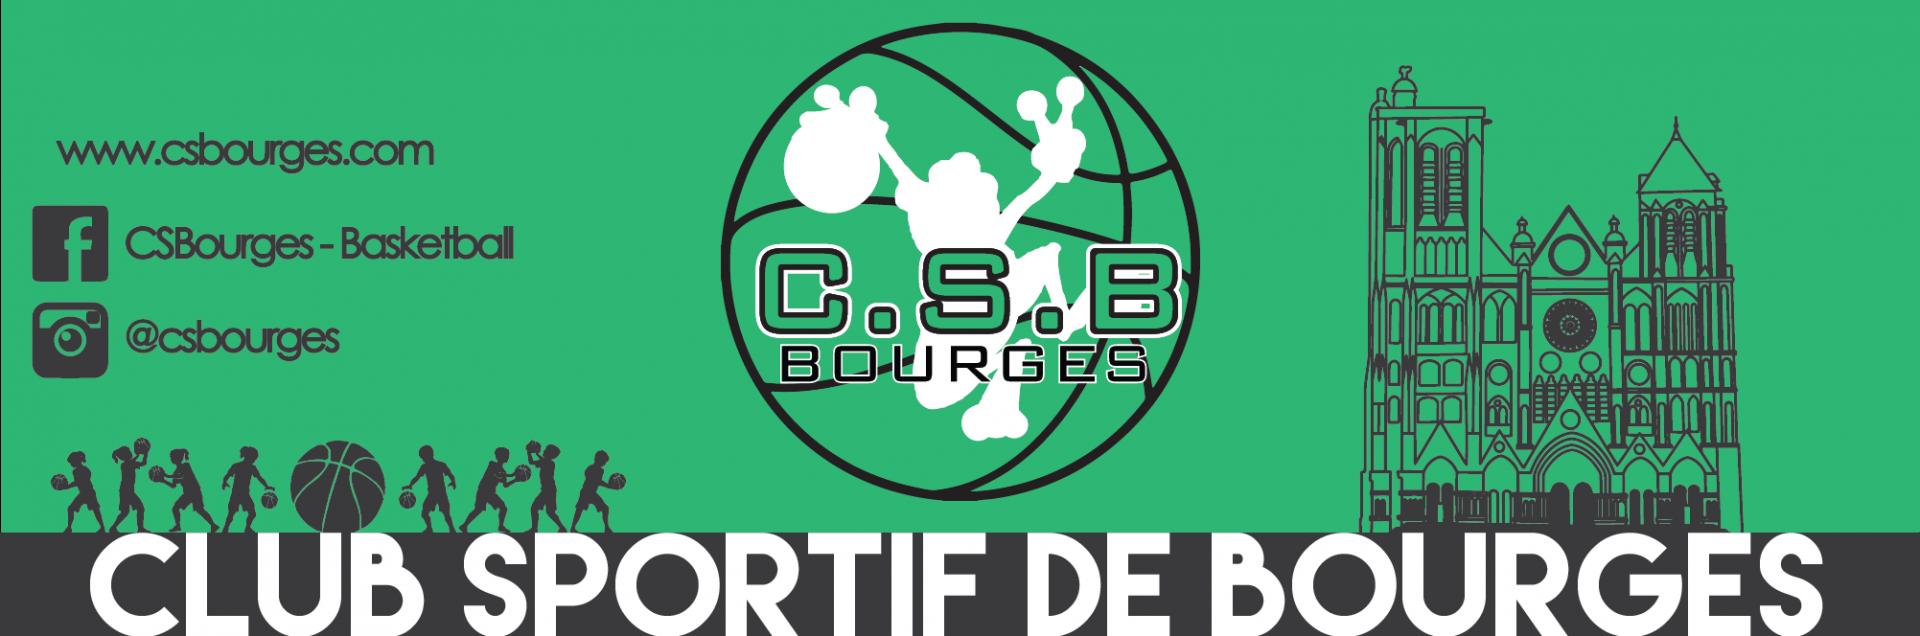 CSBourges